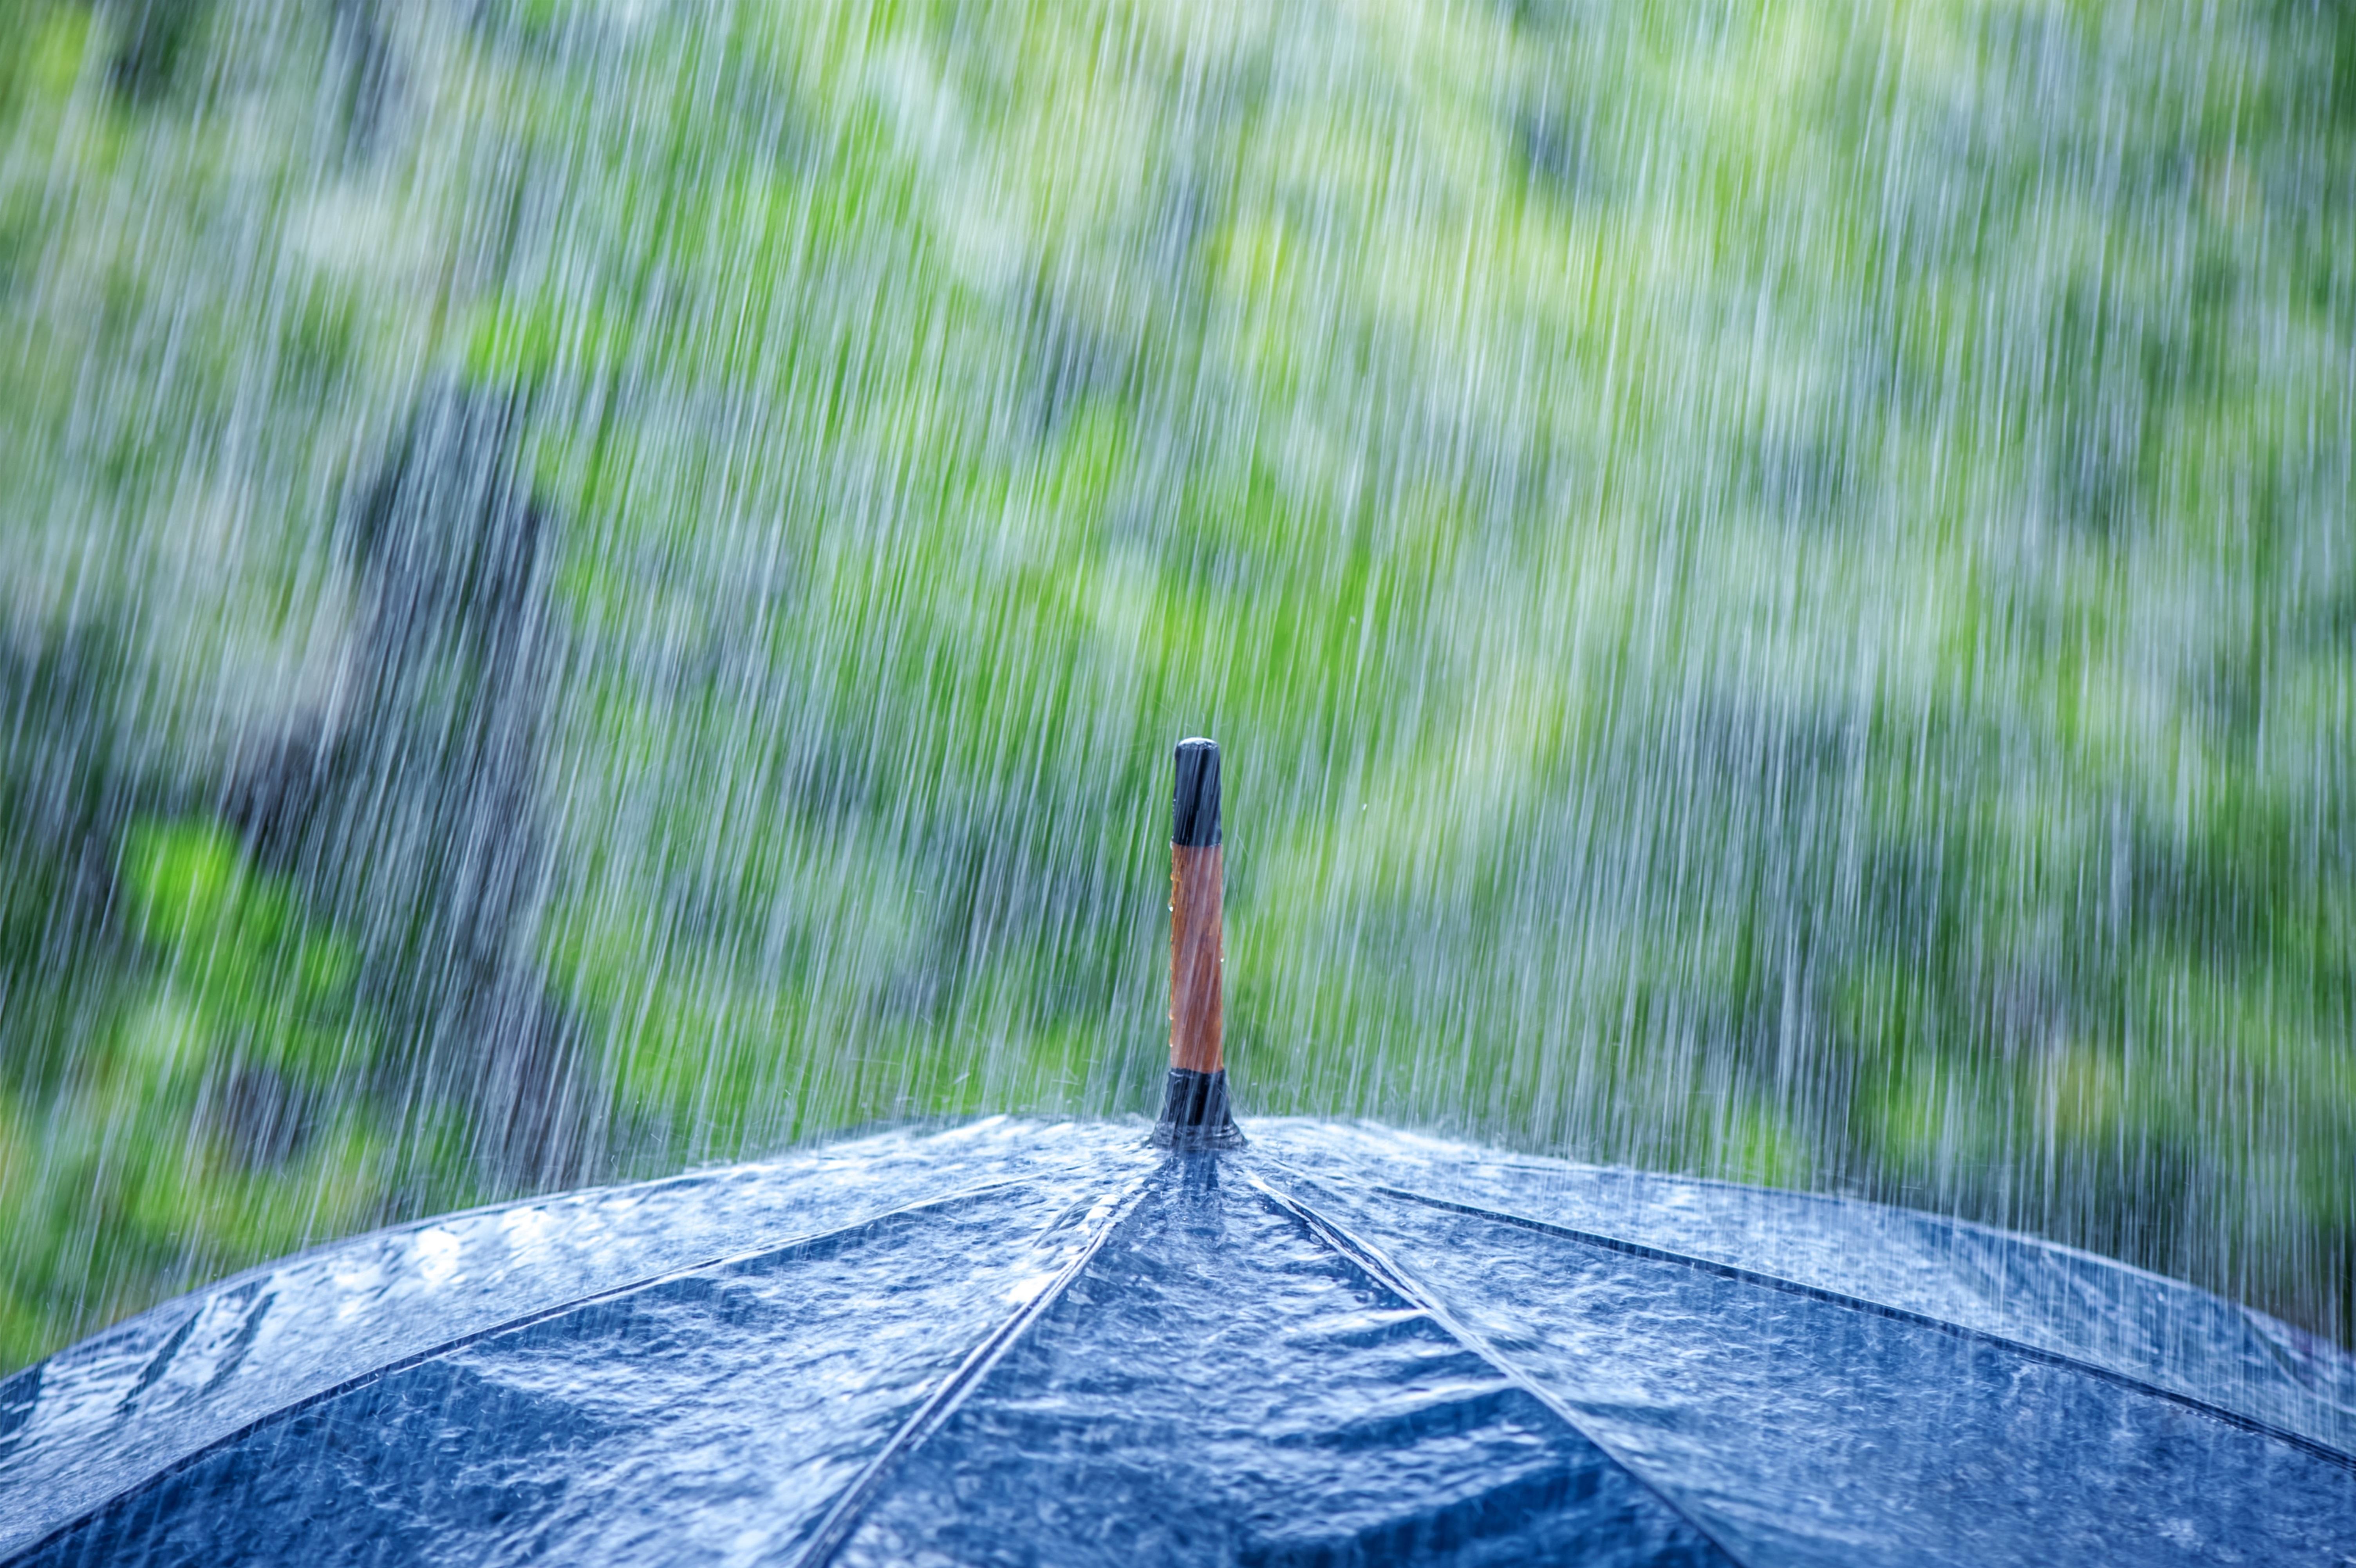 Специалисты NASA прогнозируют Земле дождливое будущее